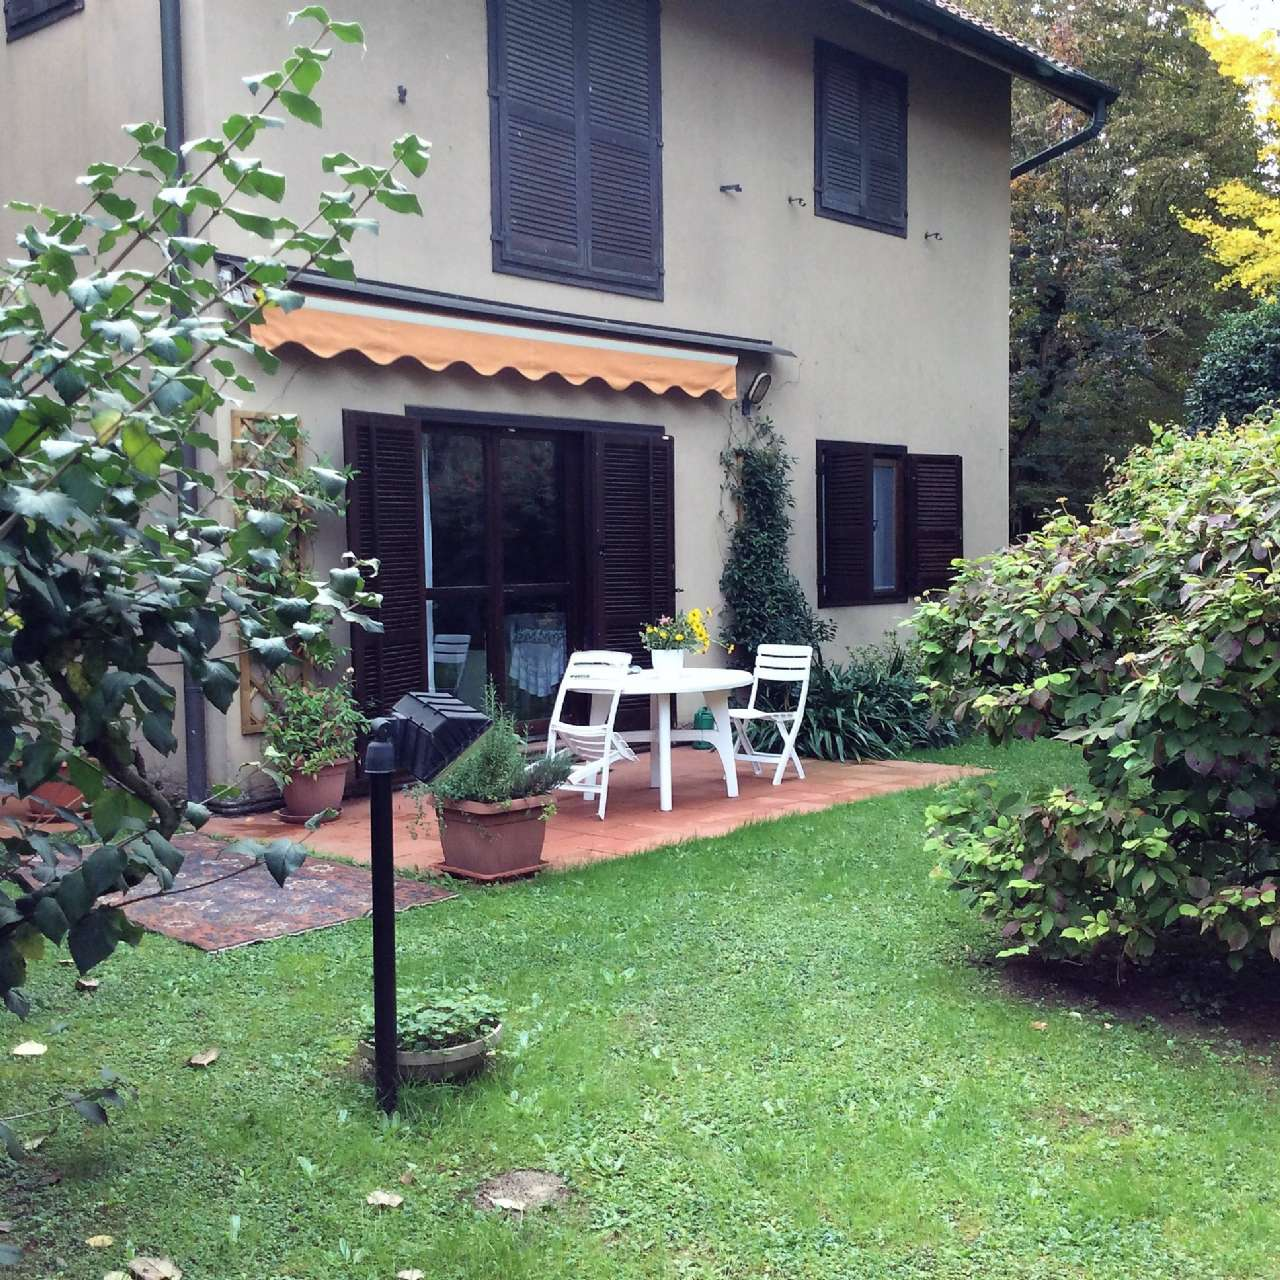 Villa in Vendita a Barlassina: 3 locali, 152 mq